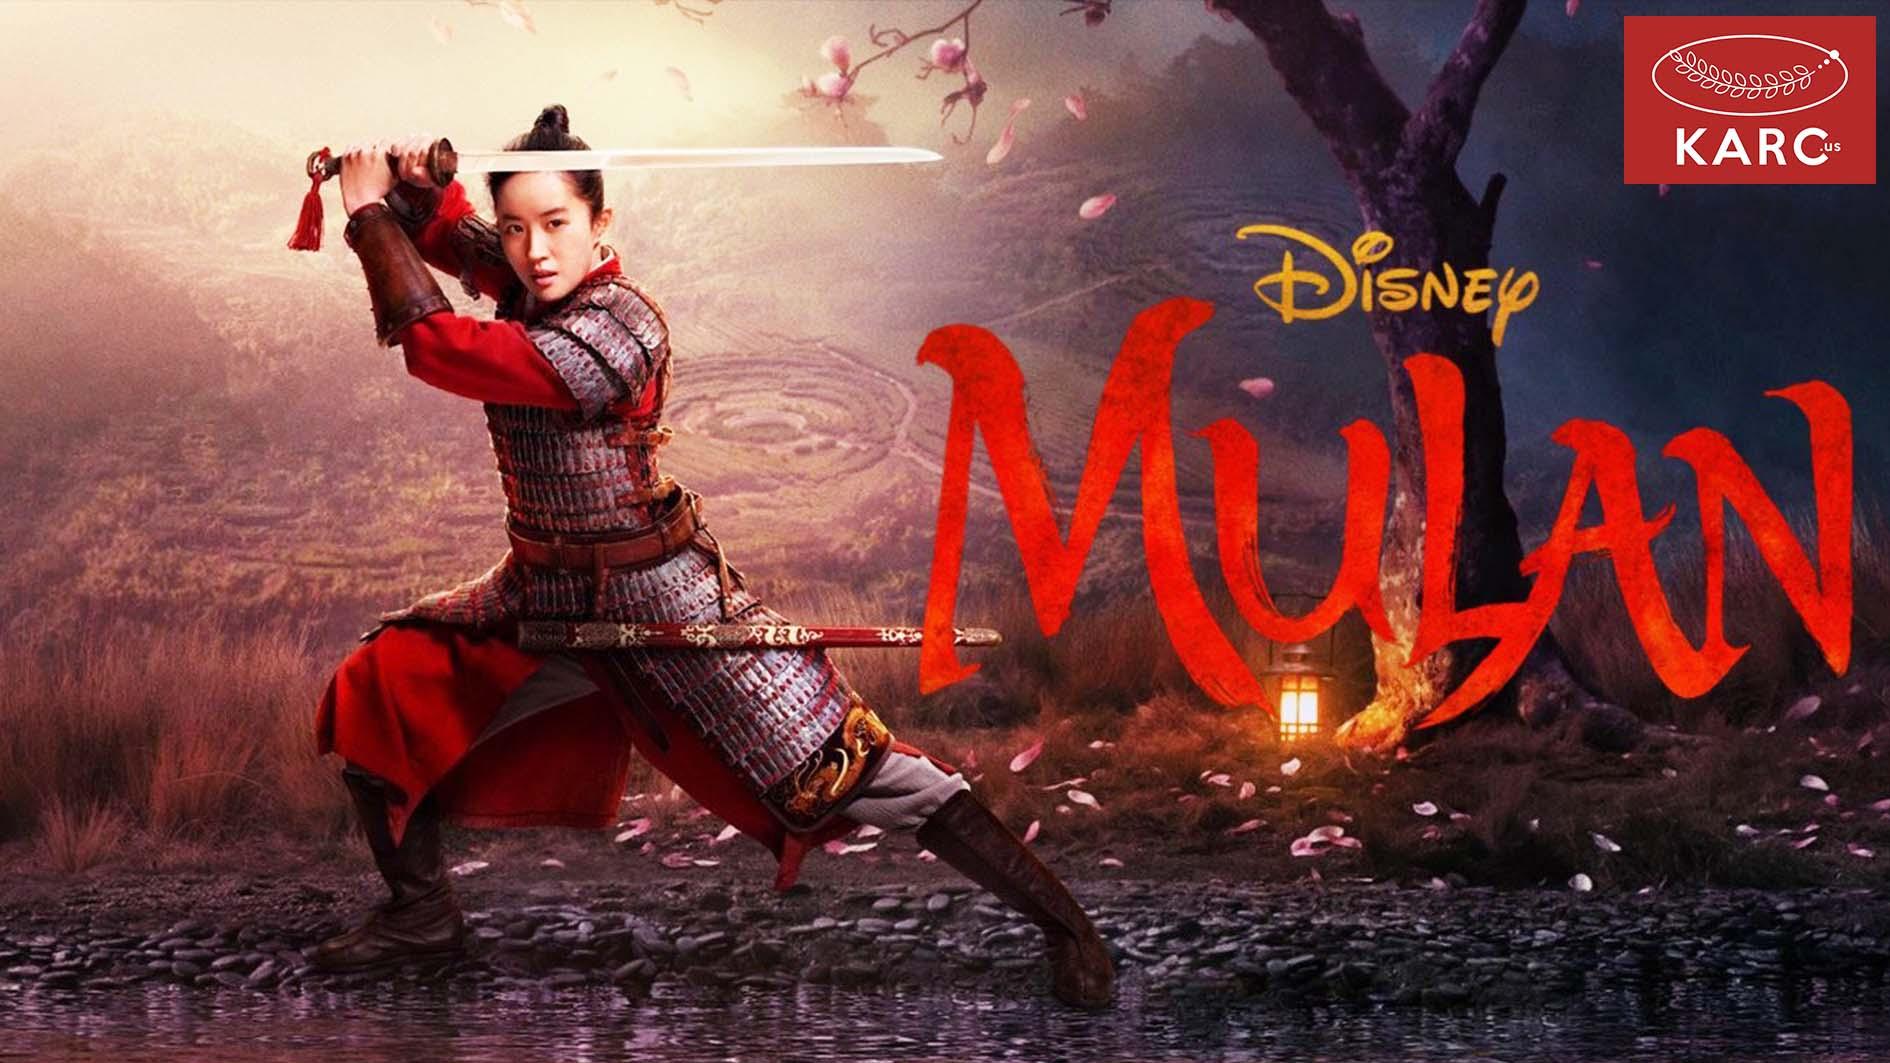 รีวิว -- Mulan Live Action 2020 หลายอย่างเปลี่ยนแปลงไป - Karc.us